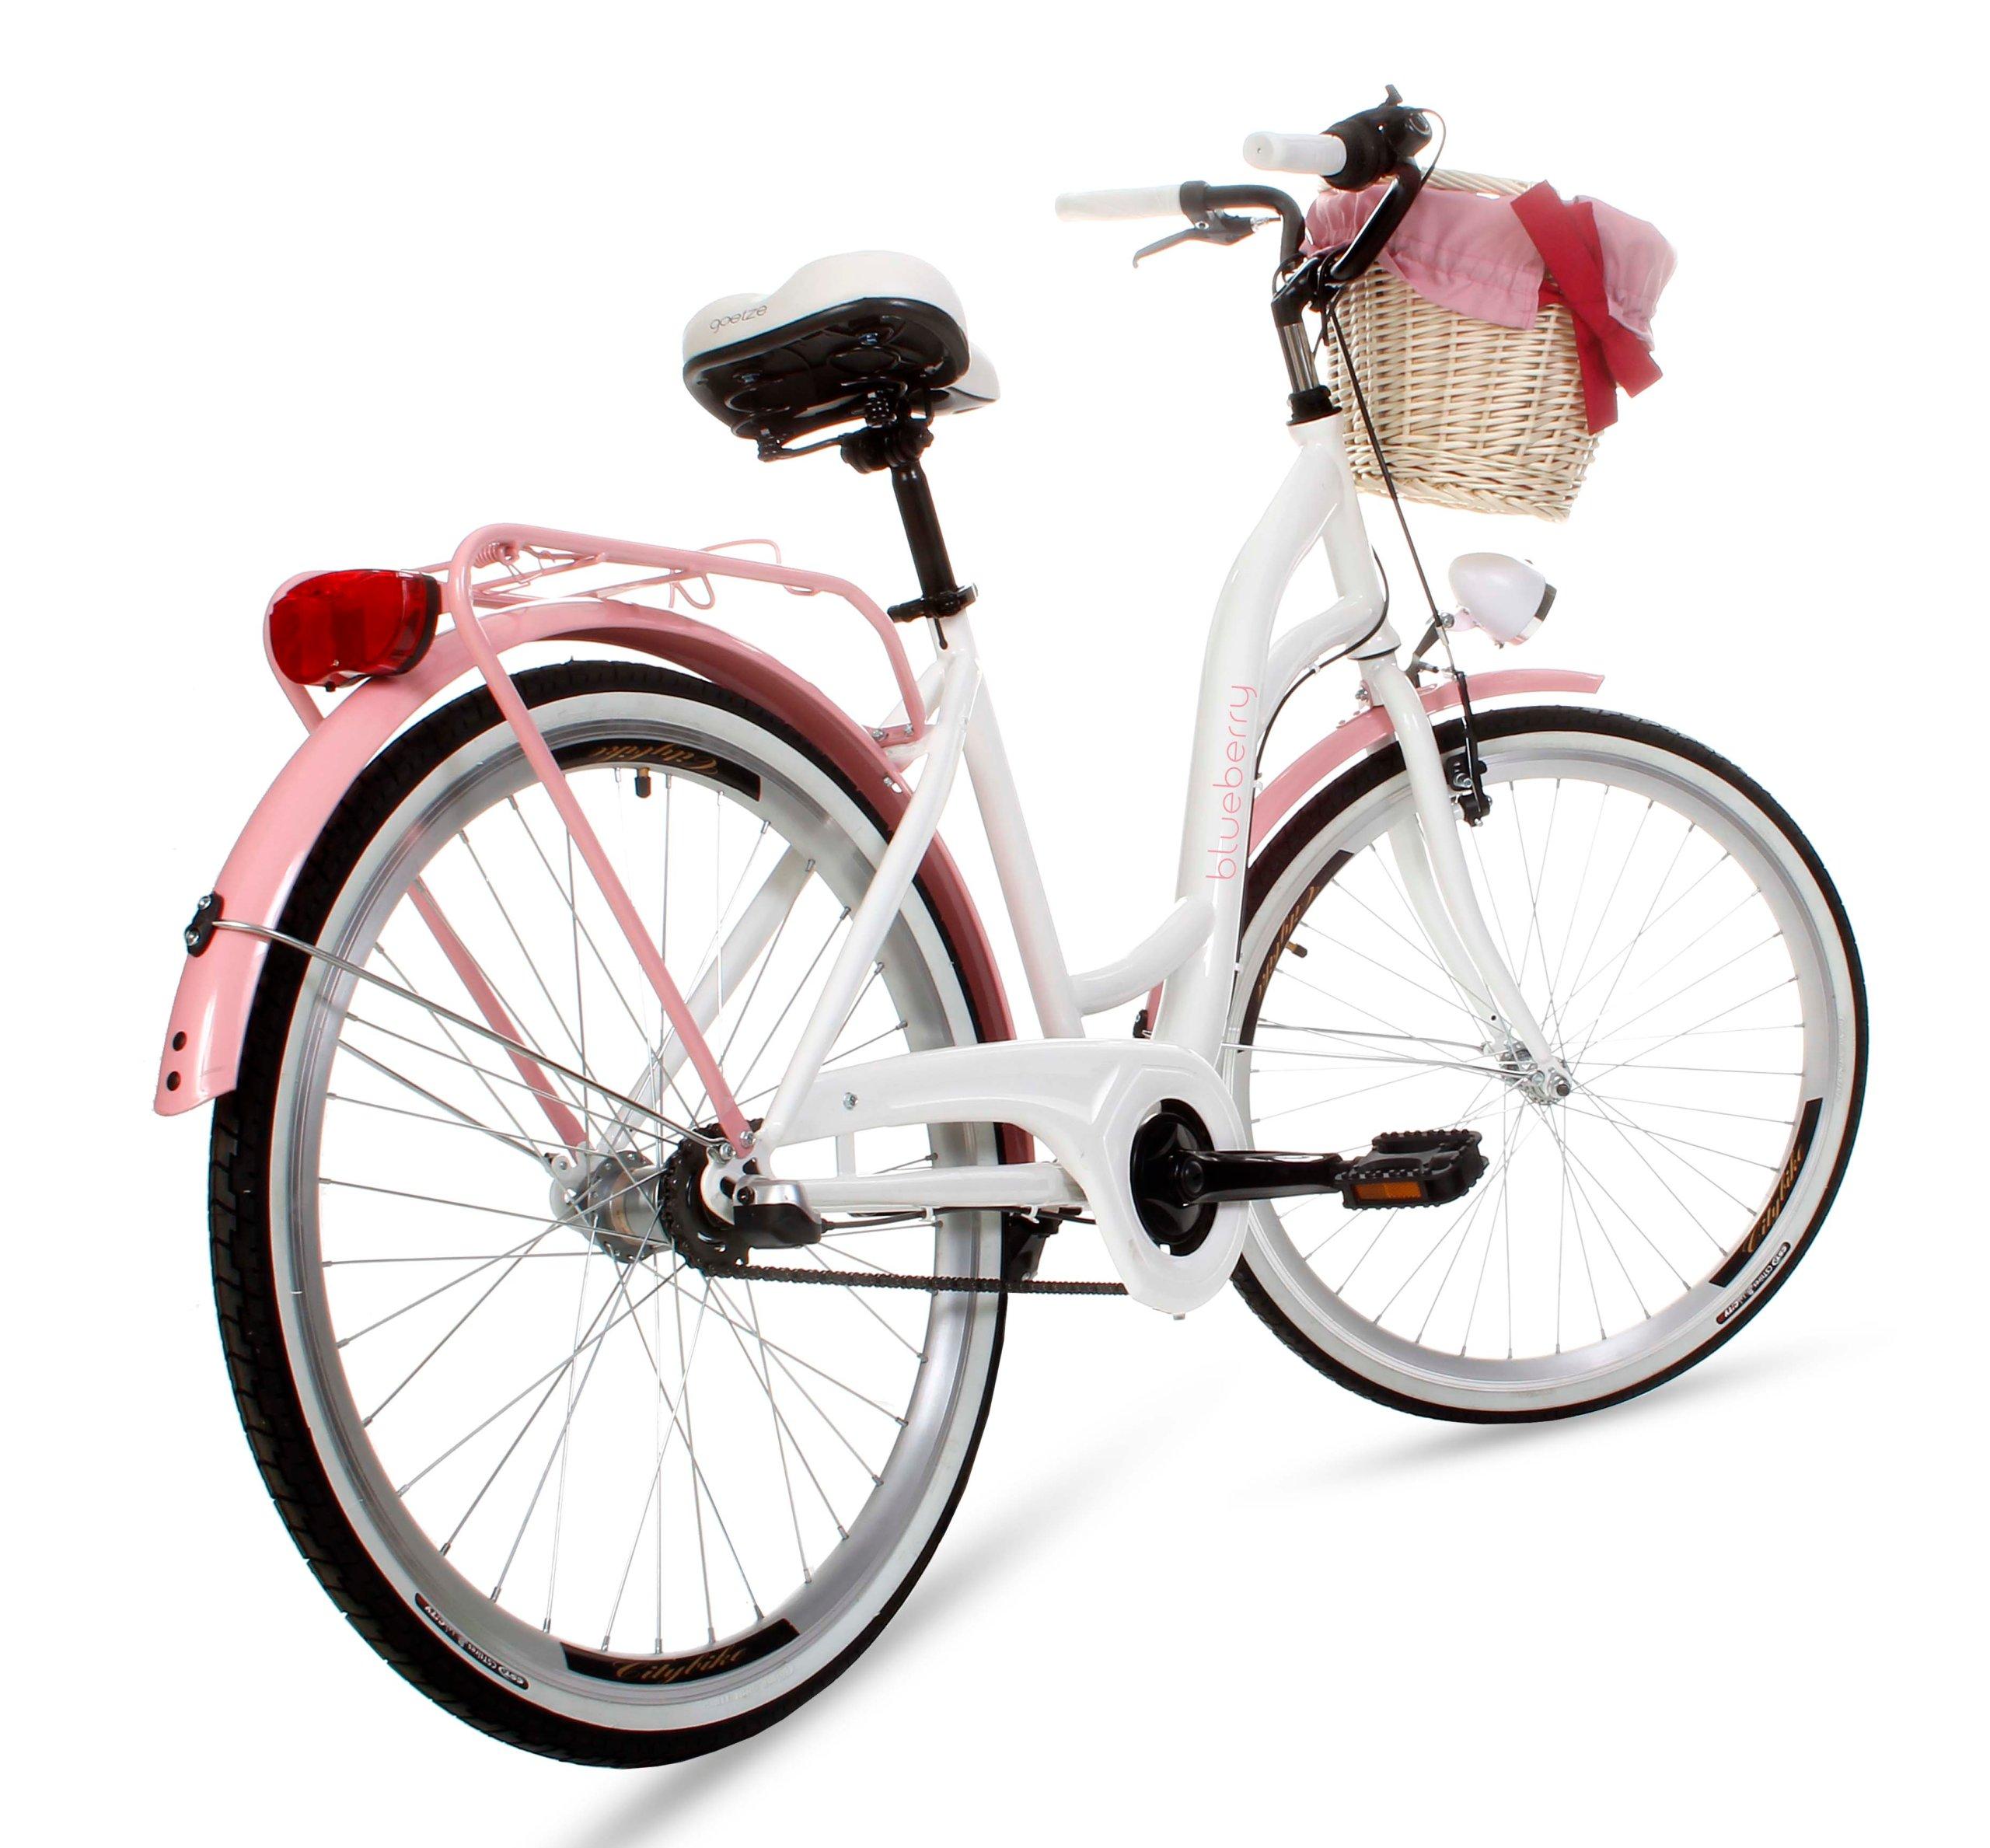 Dámsky mestský bicykel Goetze BLUEBERRY 26 3b košík!  Prehadzovačka vnútorná (náboj)